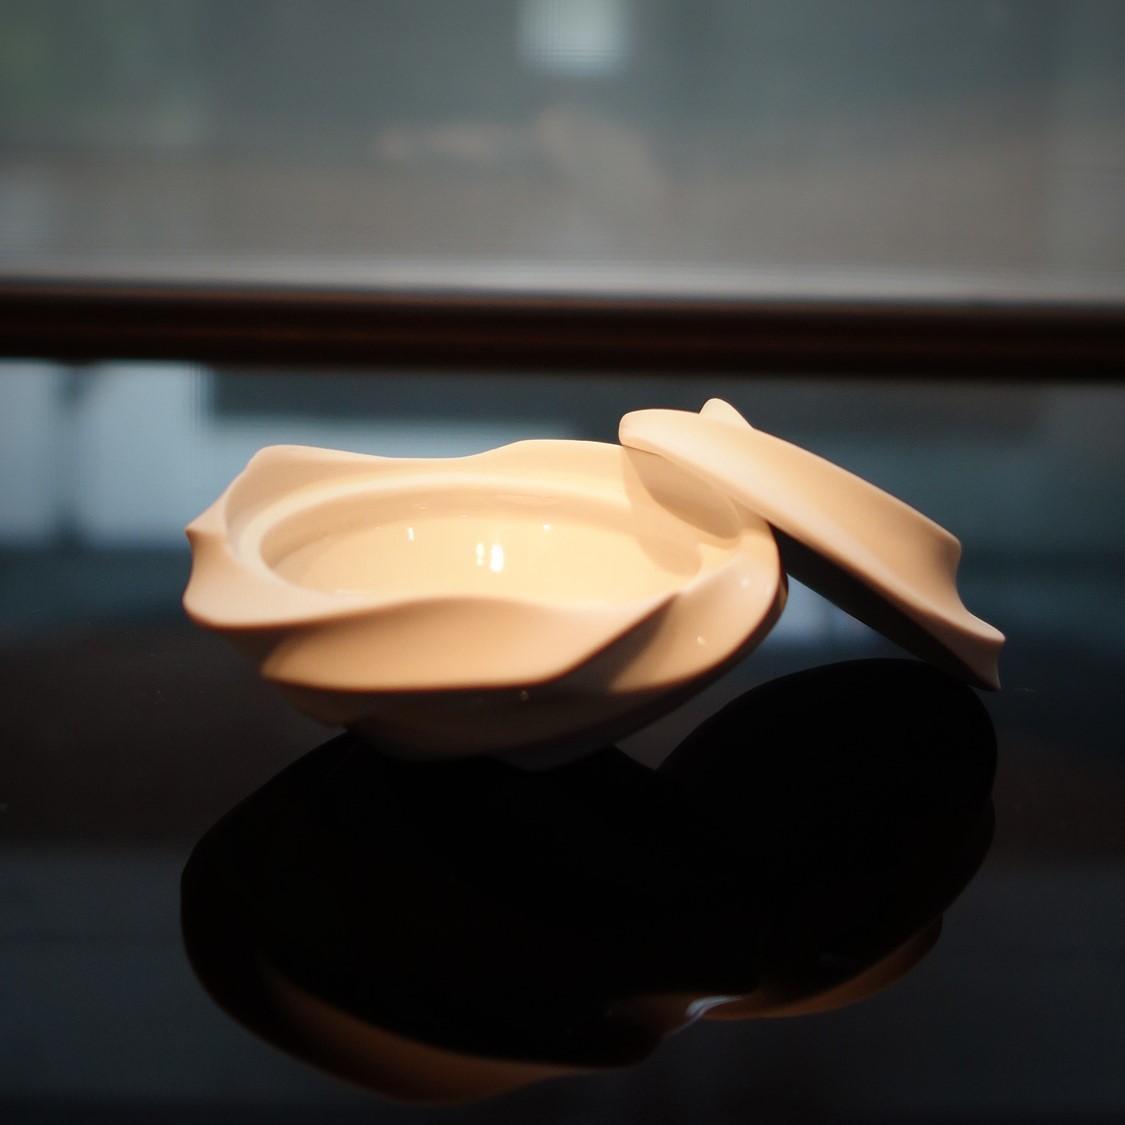 ー 松村 淳 作品展 ー 開催中です_b0232919_12063809.jpg